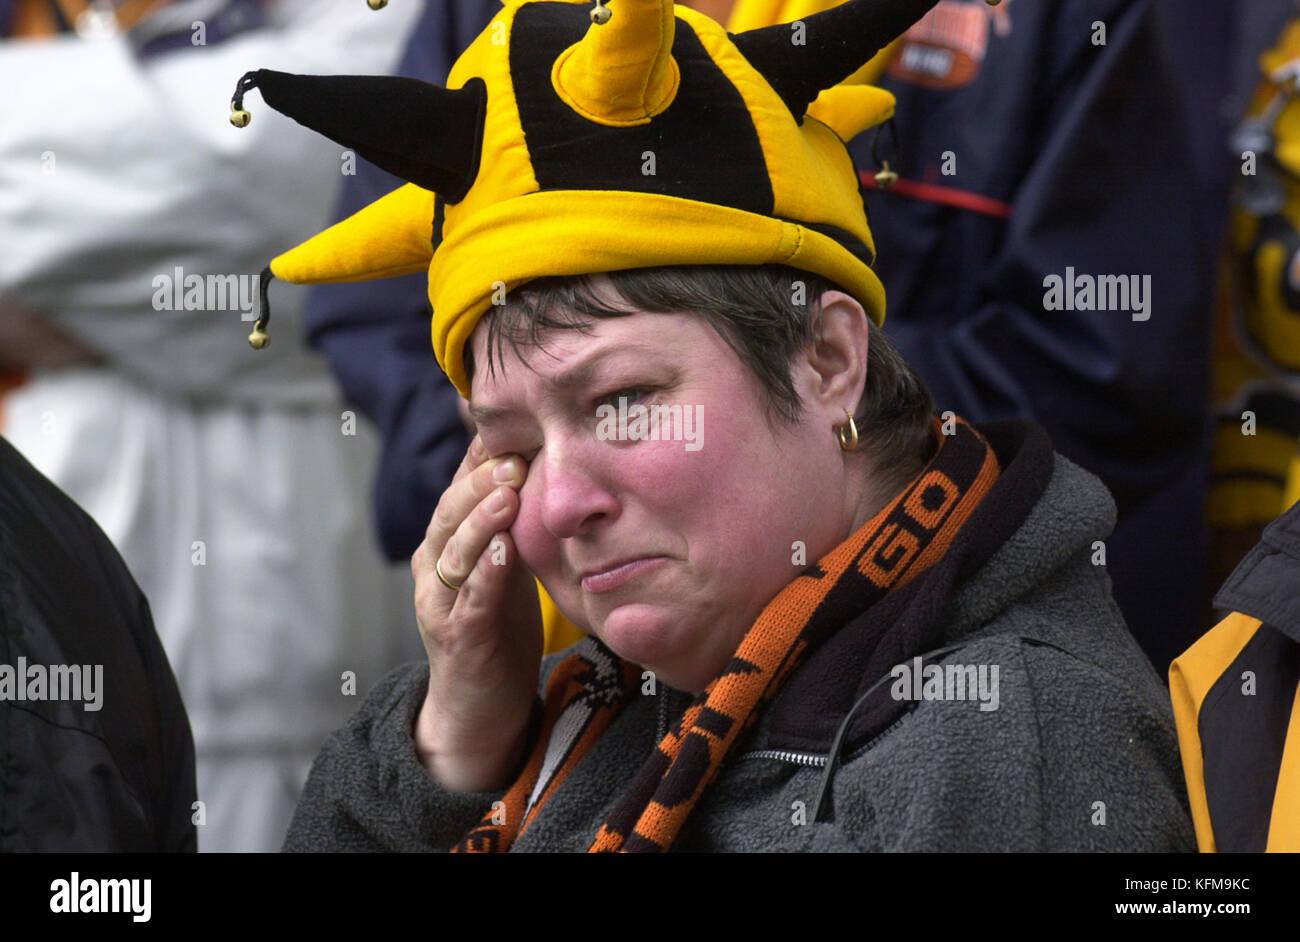 Supporter de football de Sheffield Wednesday pleurer ventilateur v Wolverhampton Wanderers Avril 2002 Photo Stock